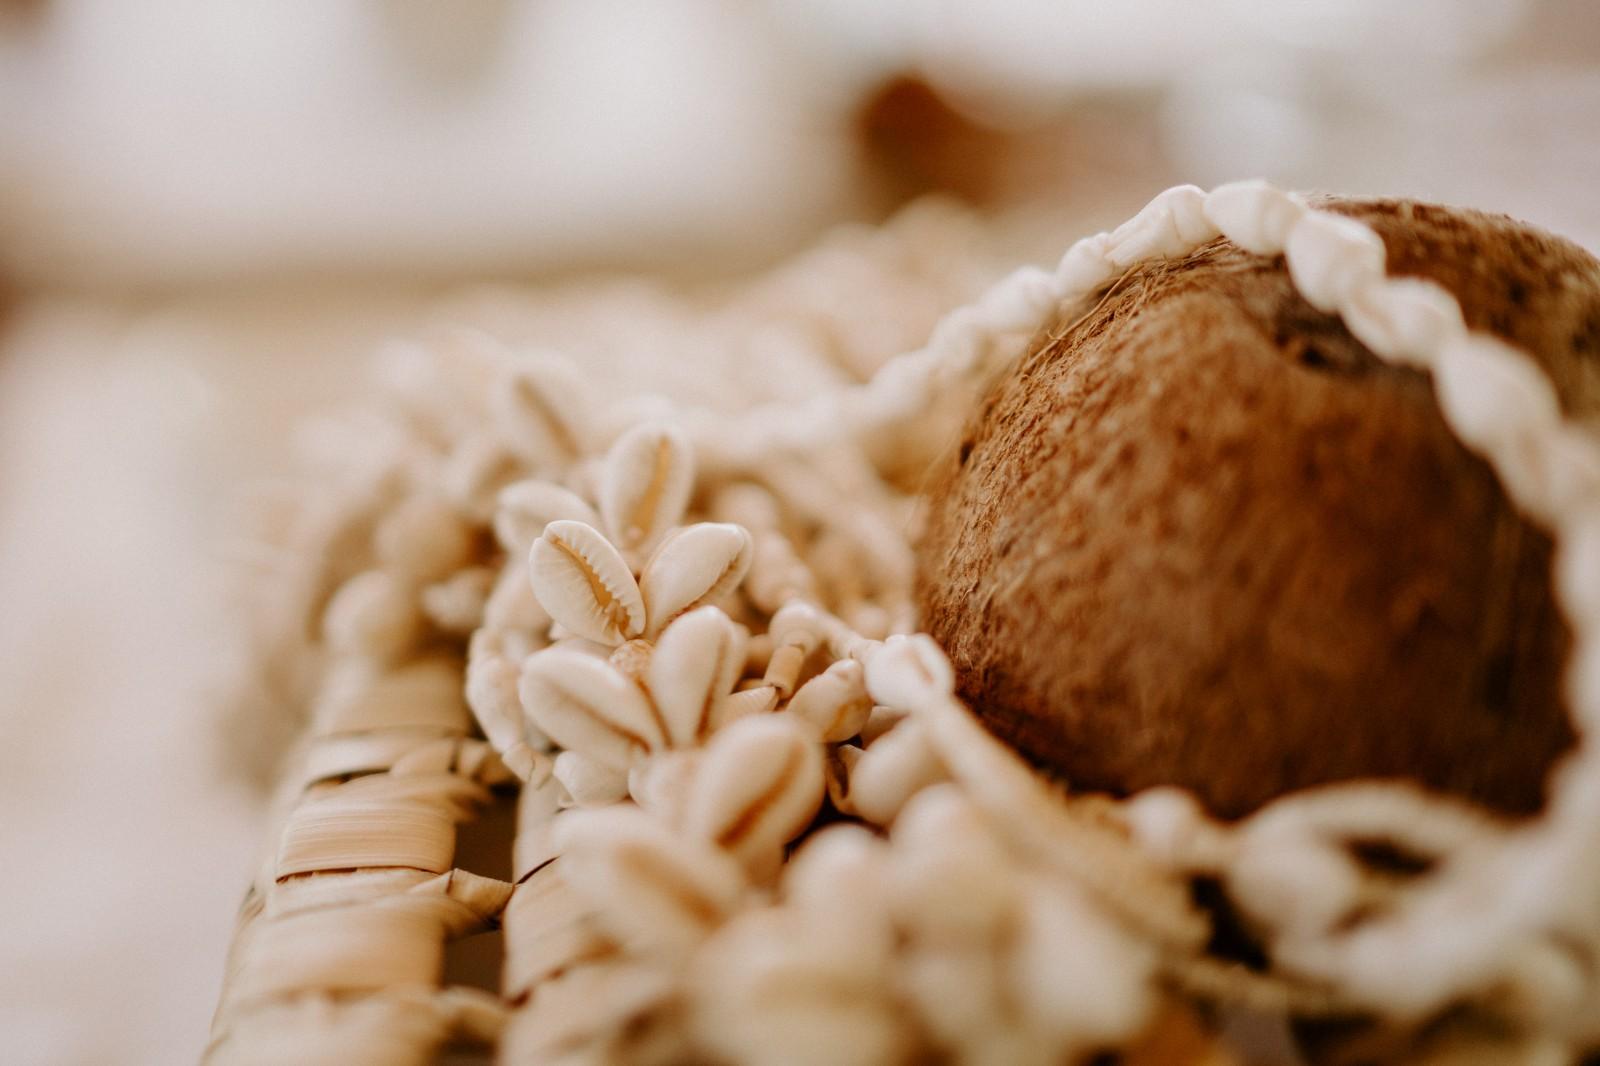 L'agence Meow de Nantes a réalisée une décoration avec des noix de coco et des cauris.